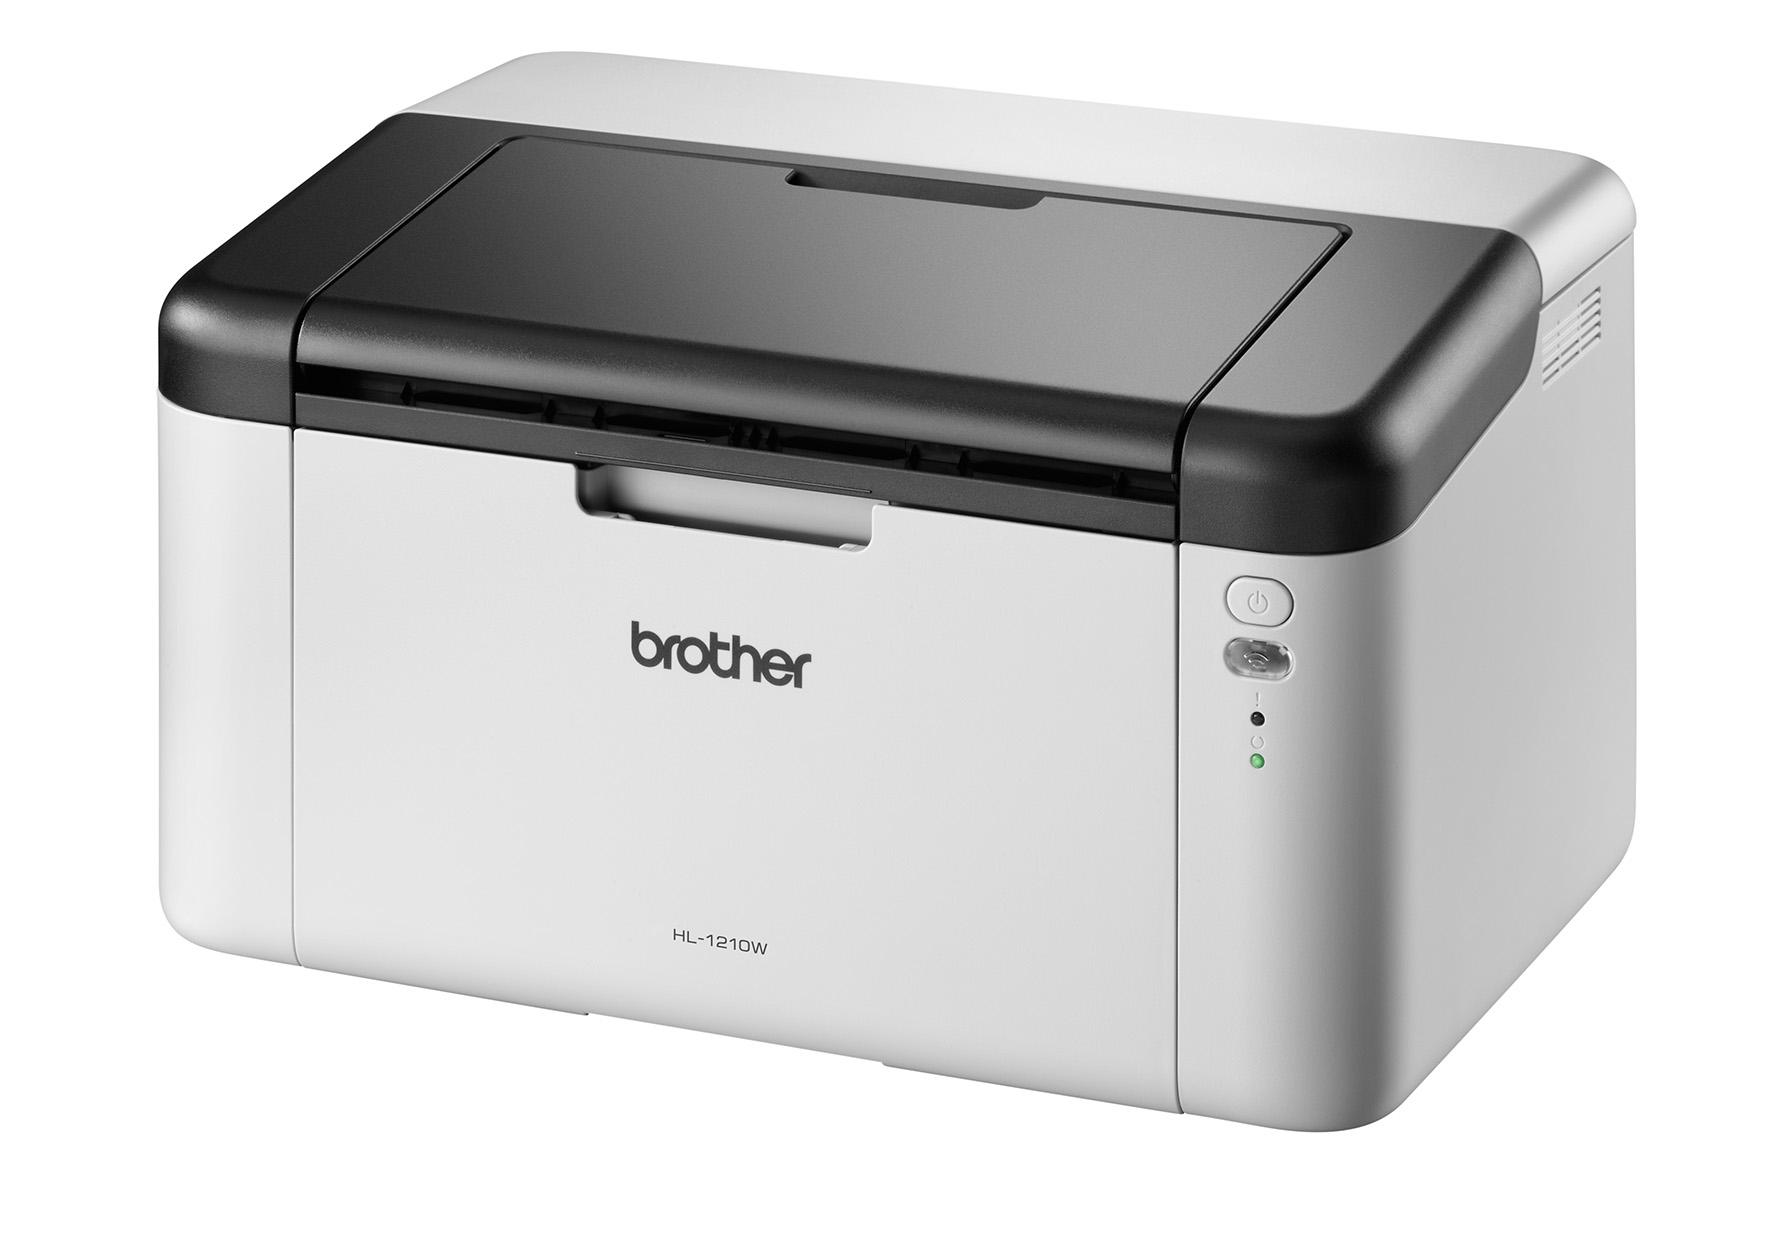 Brother HL-1210W Laser printer